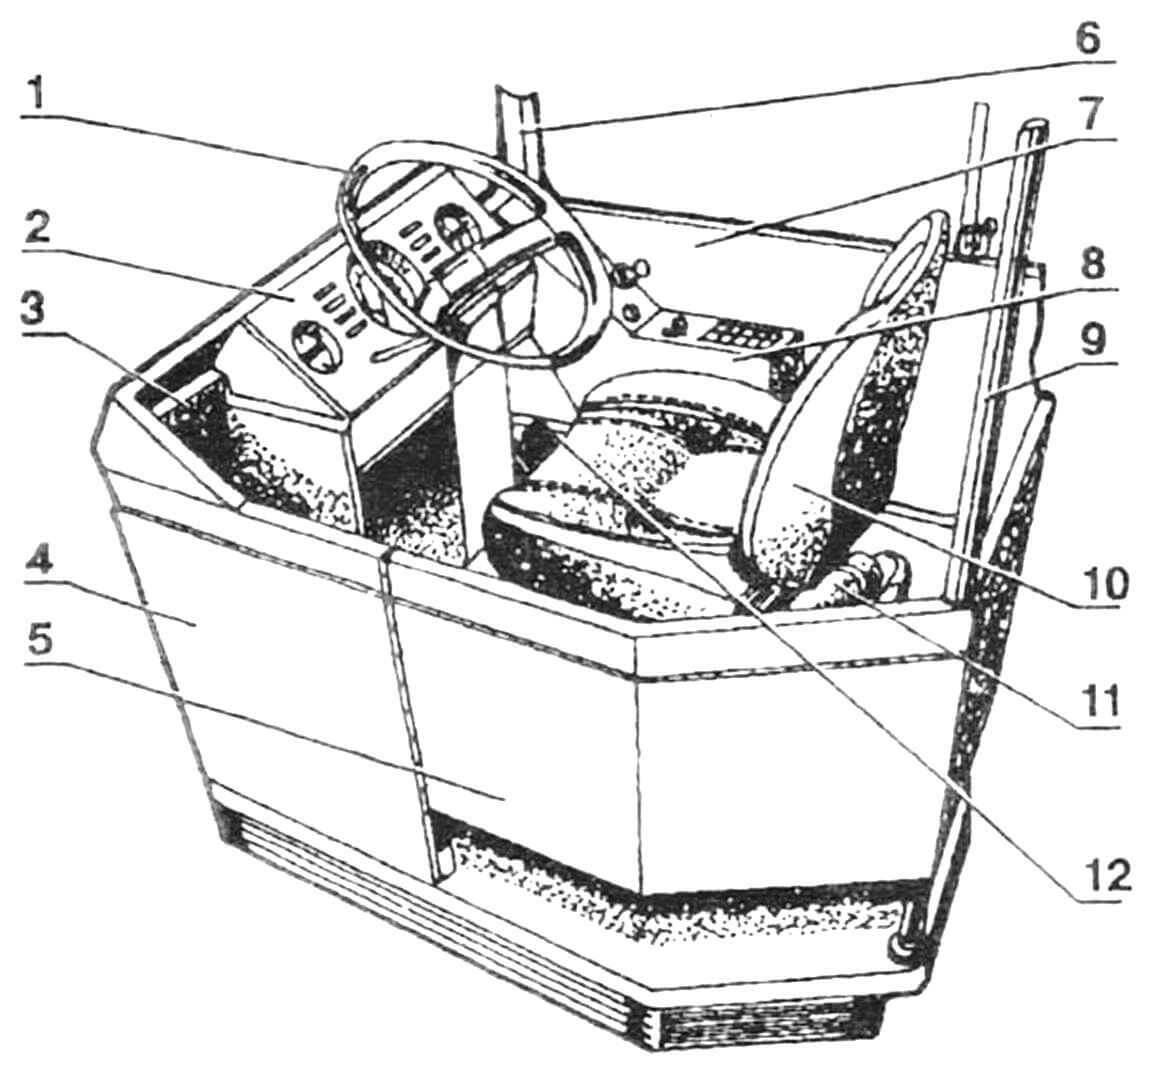 Рабочее место водителя: 1 — колесо рулевое, 2 — панель приборов основная, 3 — место кассового аппарата, 4 — стенка кабинки, 5 — дверца кабинки, 6 — стойка лобового стекла, 7 — стенка боковины, 8 — панель приборов дополнительная, 9 — стойка-поручень, 10 — сиденье водителя, 11 — огнетушитель, 12 — педали.